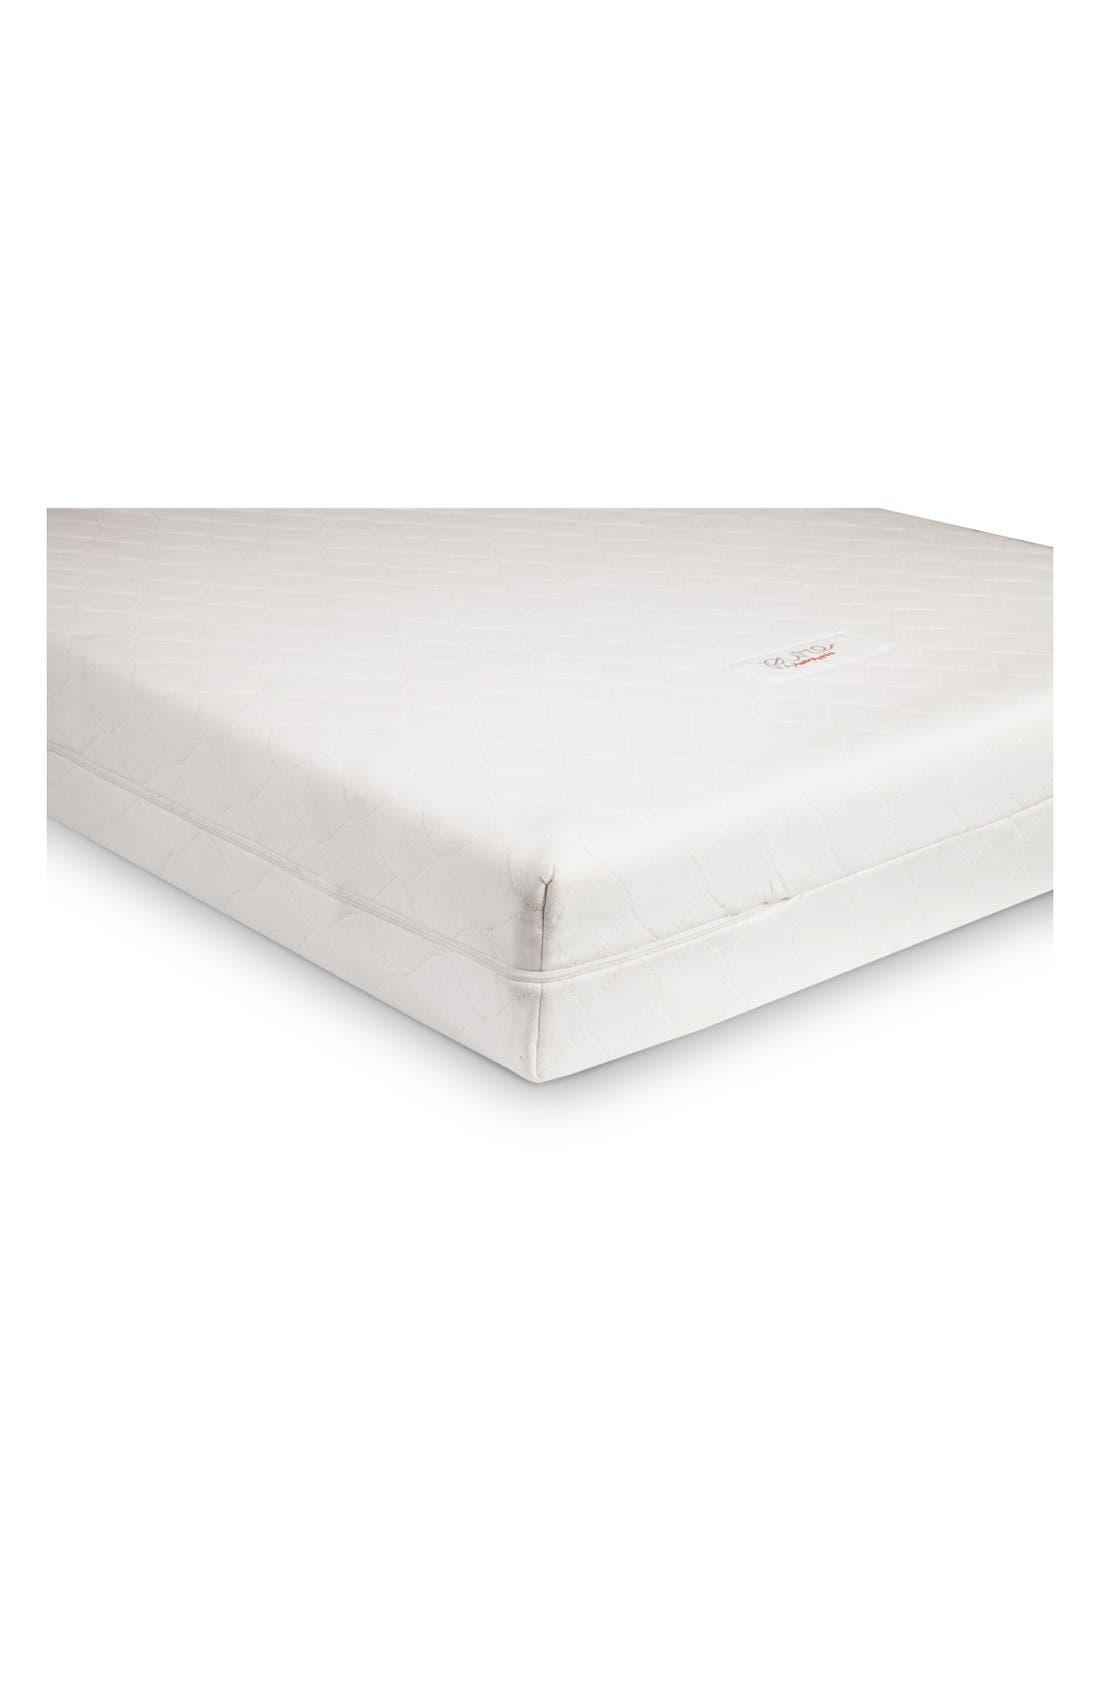 Main Image - babyletto Pure Core Crib Mattress & Cover